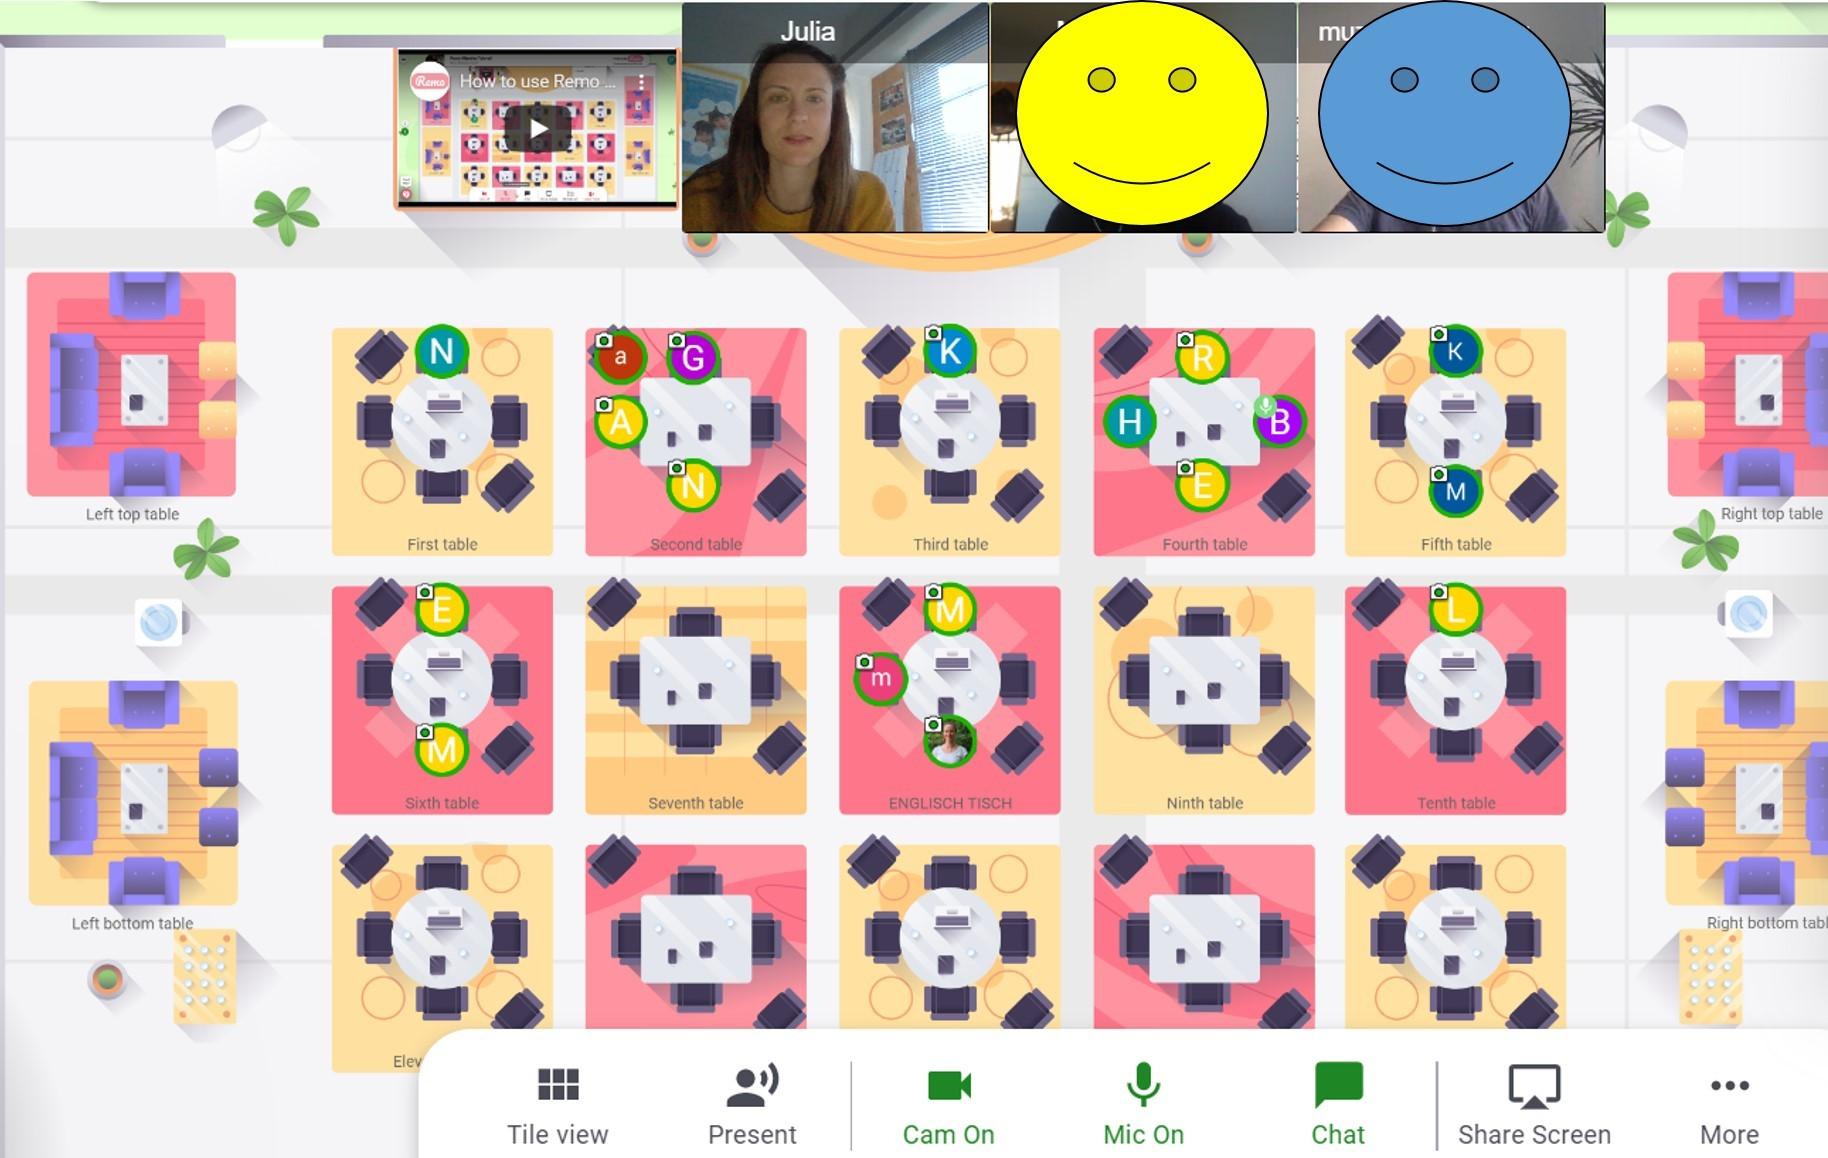 Screenshot beim digitalen Treffen, verschiedene virtuelle Trefftische vorhanden